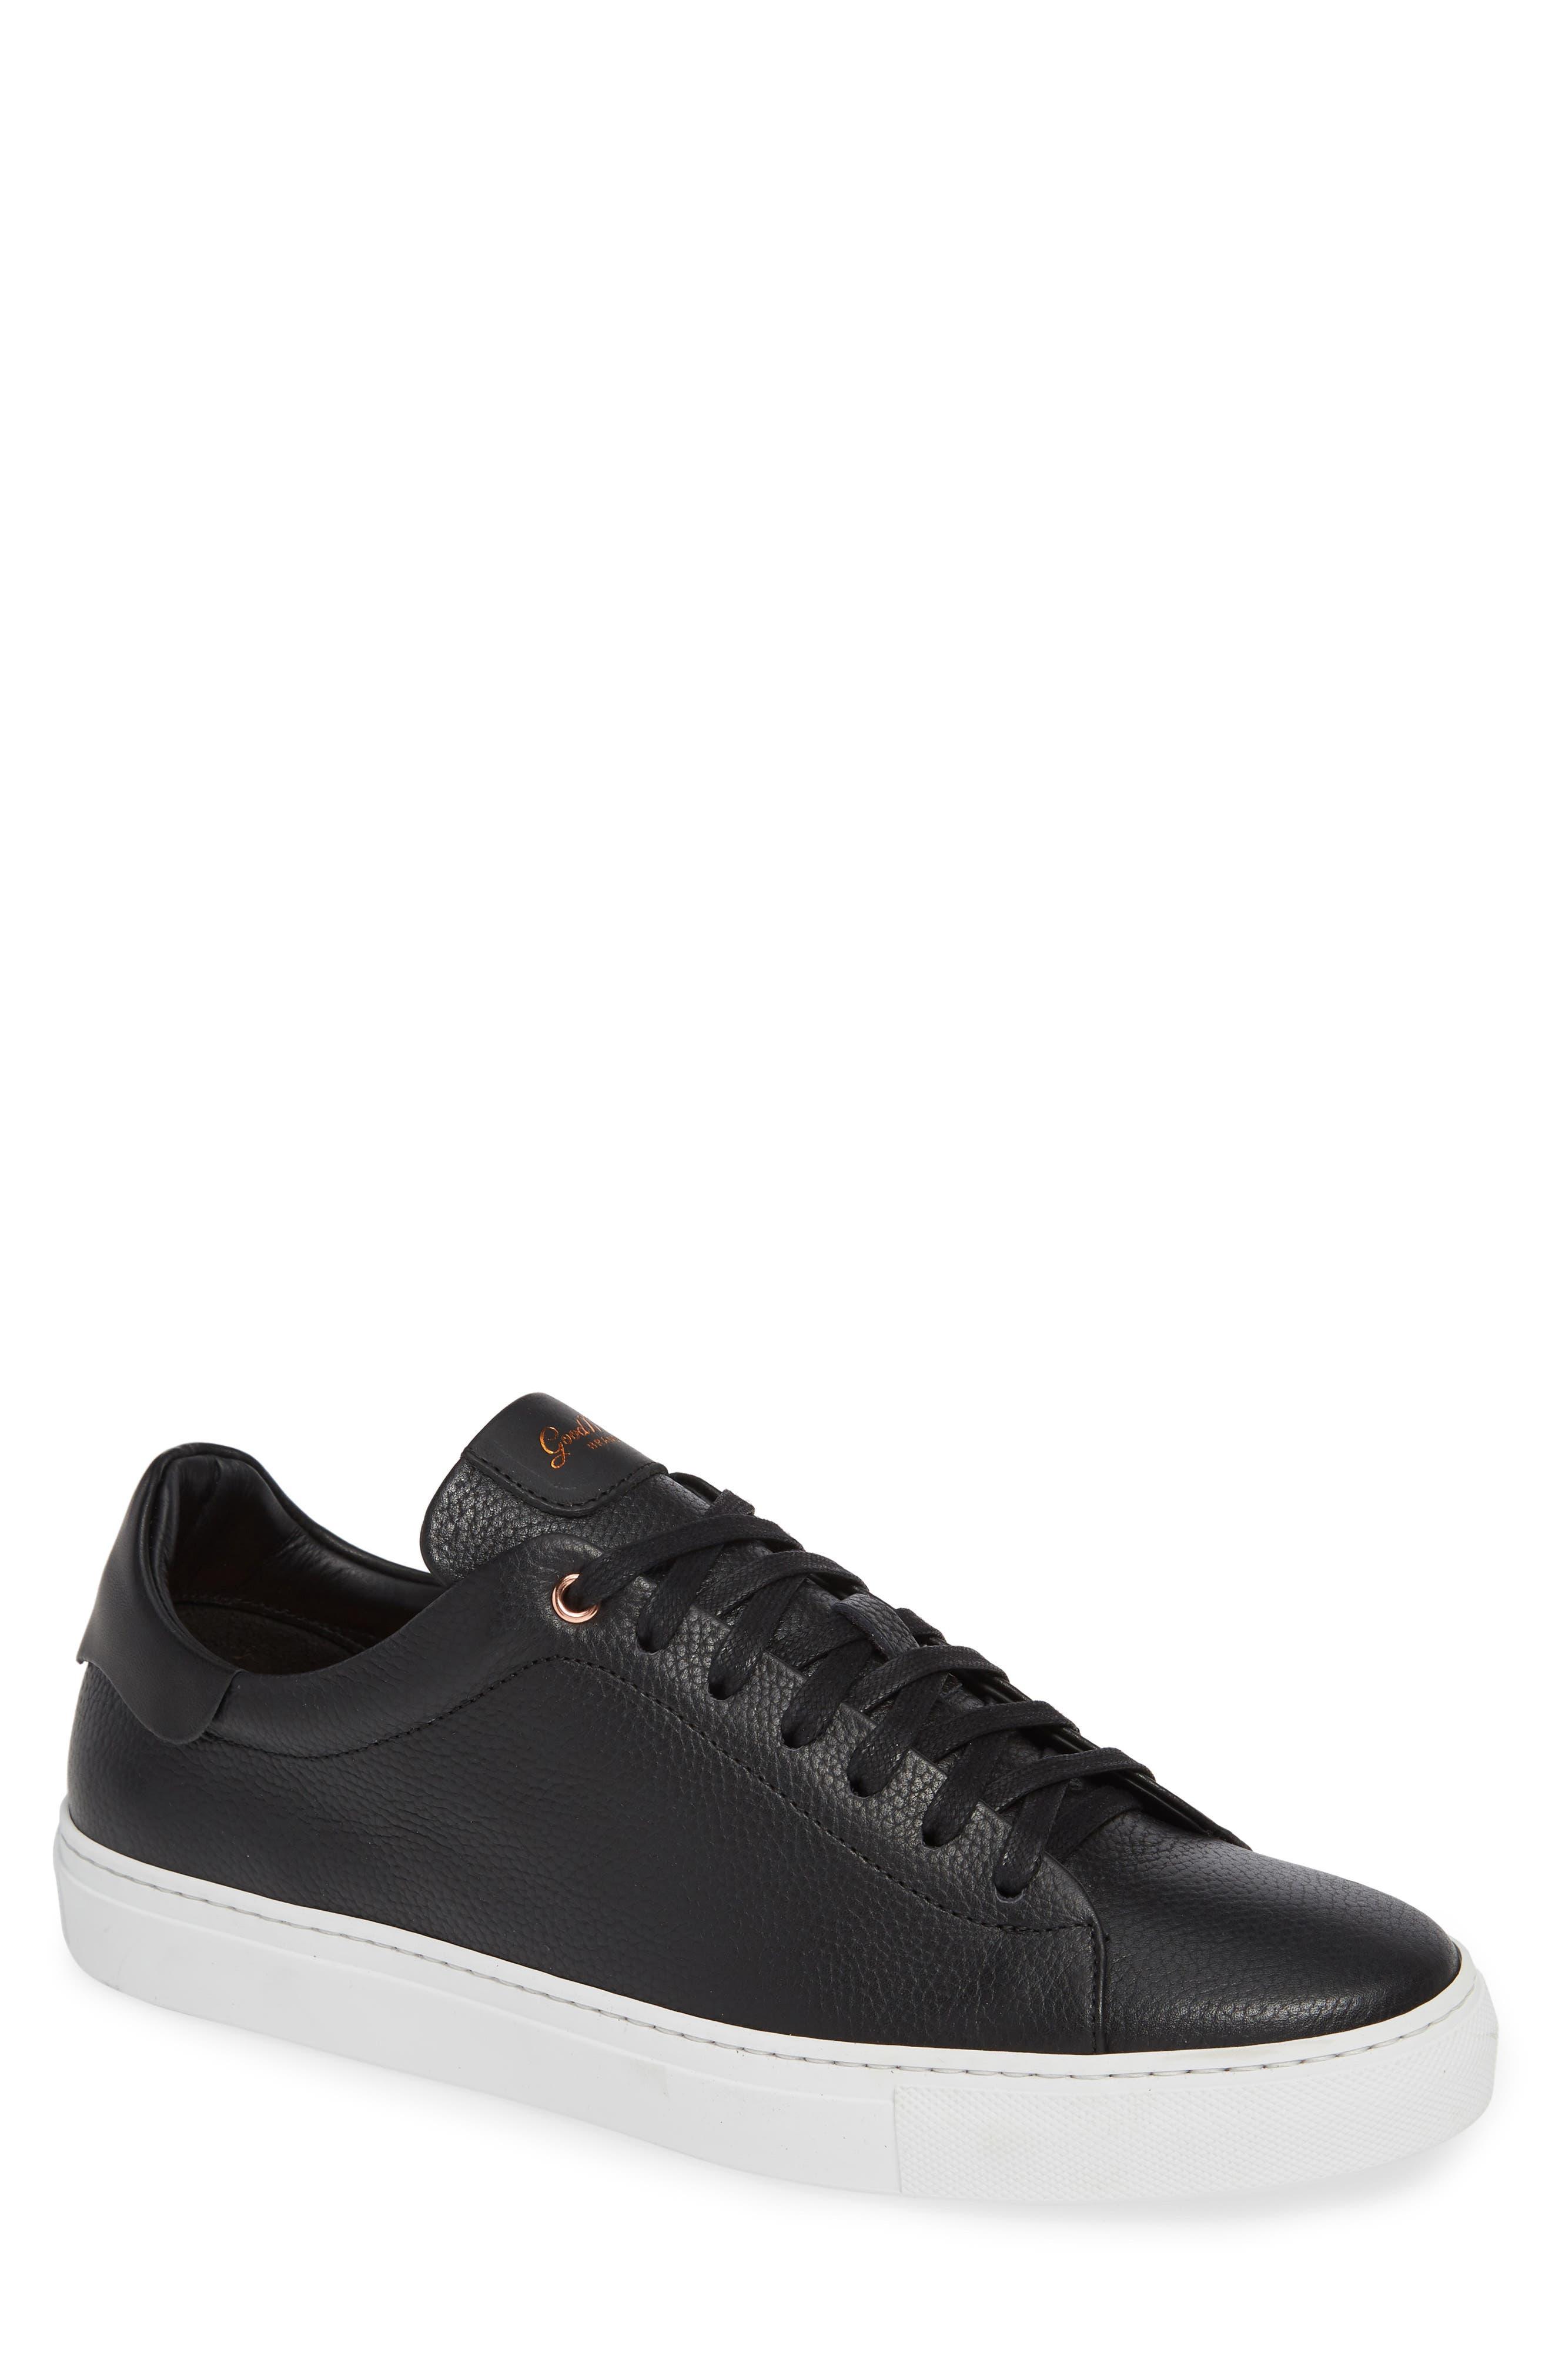 Legend Low Top Sneaker,                         Main,                         color, BLACK PEBBLE LEATHER